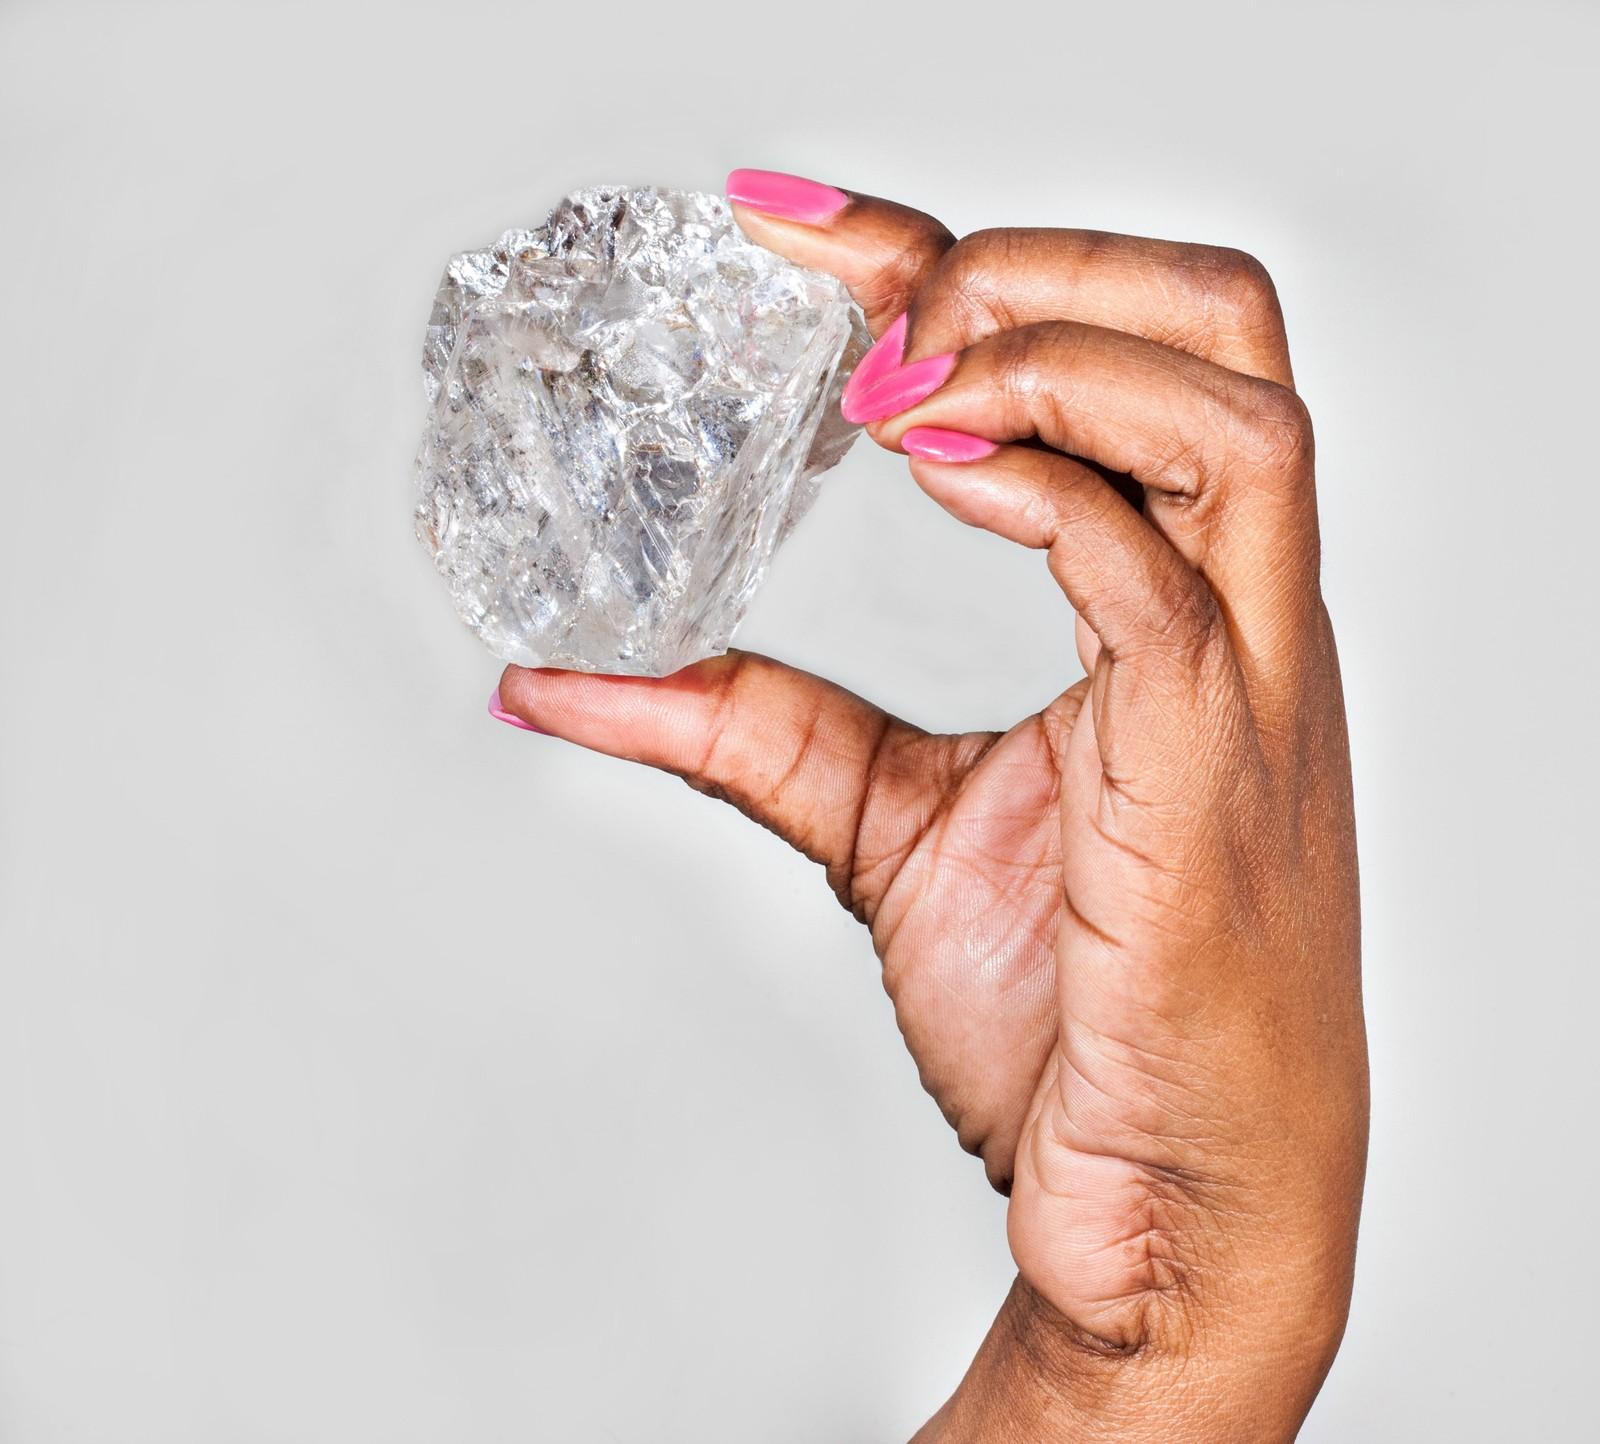 Denne kjempevarianten av damenes beste venn ble vist fram denne uka. Diamanten, som er på 1111 karat og måler 65mm x 56mm x 40mm, er den største som noensinne er funnet i Botswana, ifølge det svenske selskapet Lucara Diamond. Verdens største er den imidlertid ikke. Den tittelen har en stein som ble funnet i 1905 og målte over 3000 karat.